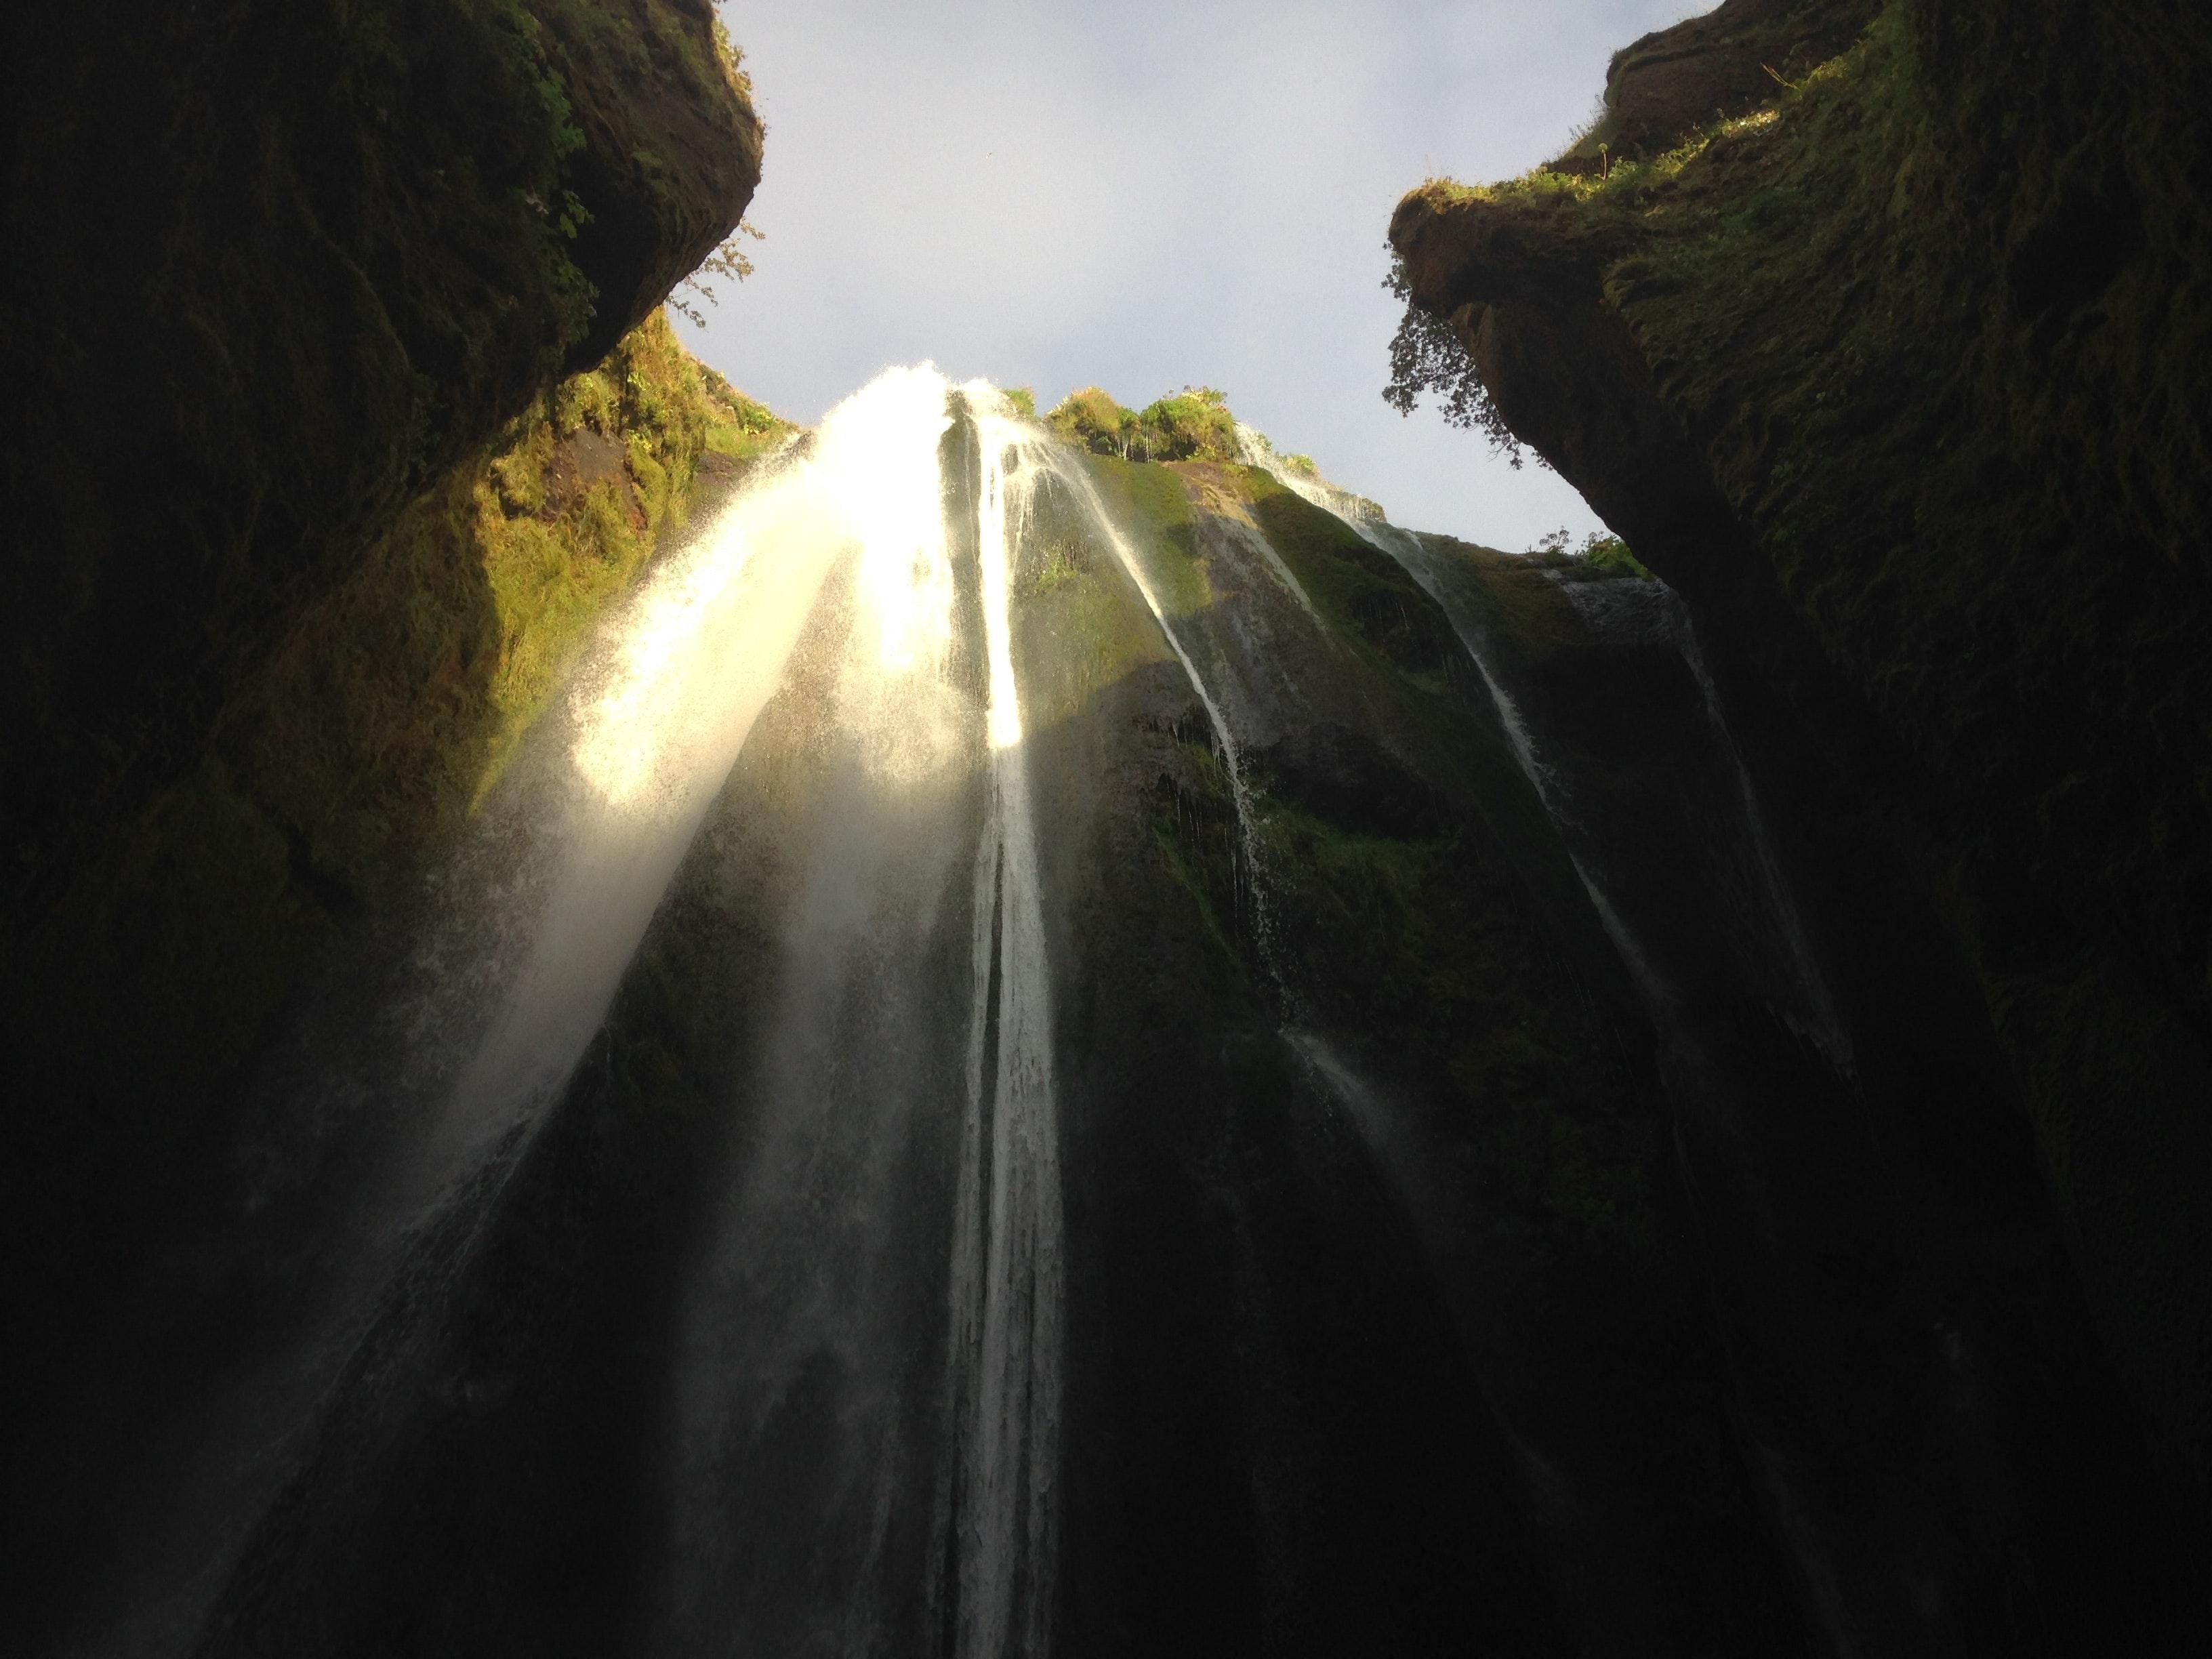 Gljúfrabúi - one of my favourite waterfalls in Iceland